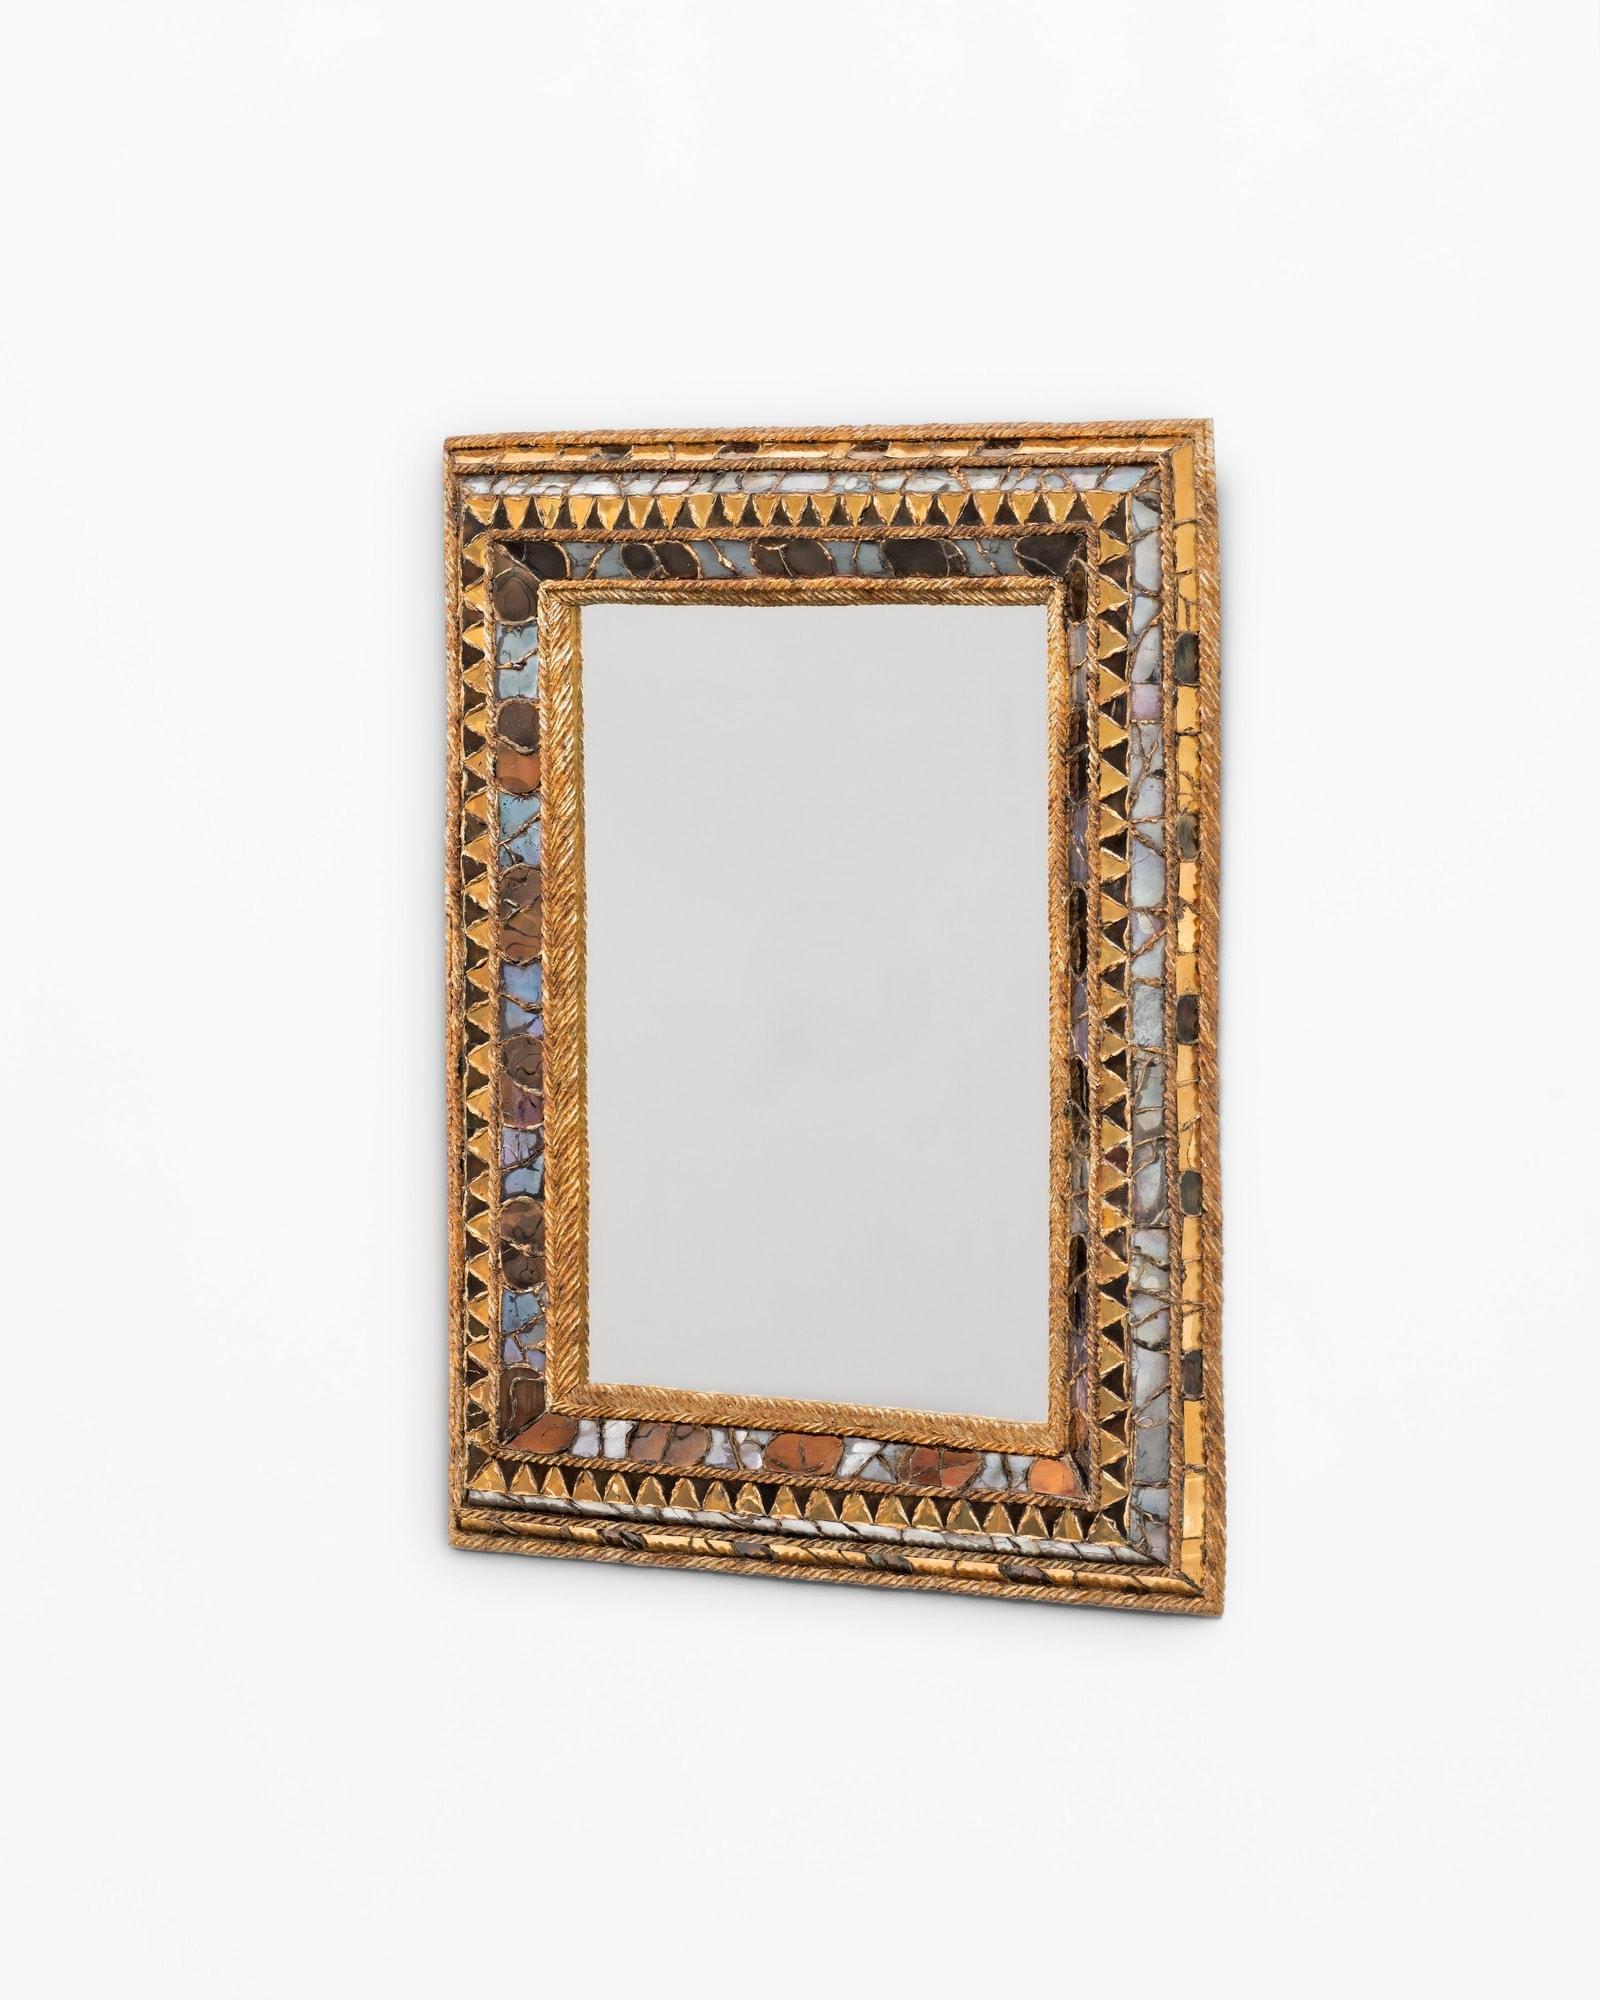 Line Vautrin, Miroir «Florence» (vendu), vue 02